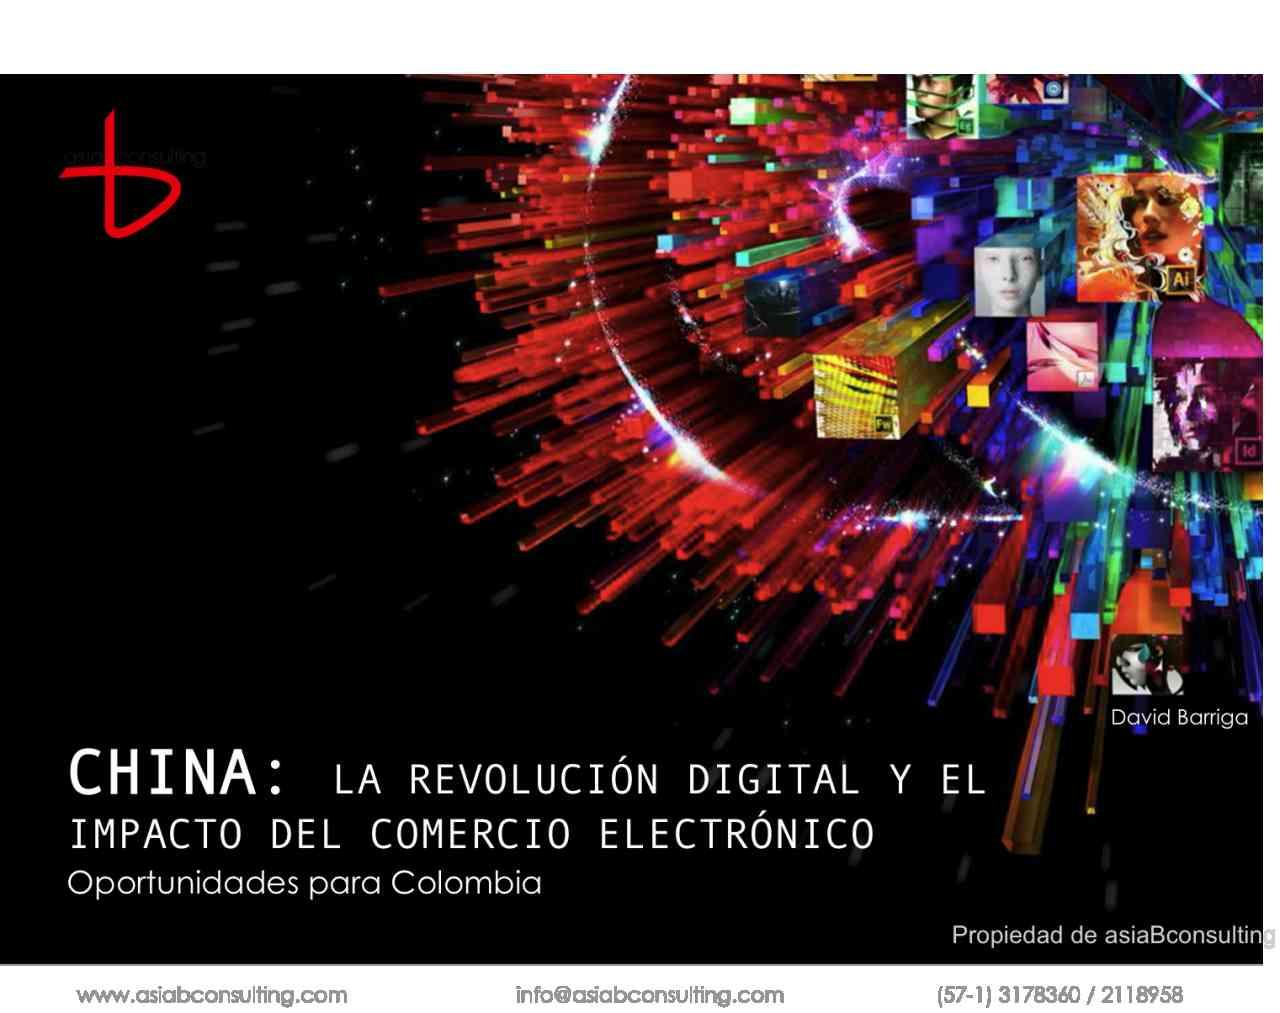 imagen portada China: La revolución digital y el impacto del comercio electrónico